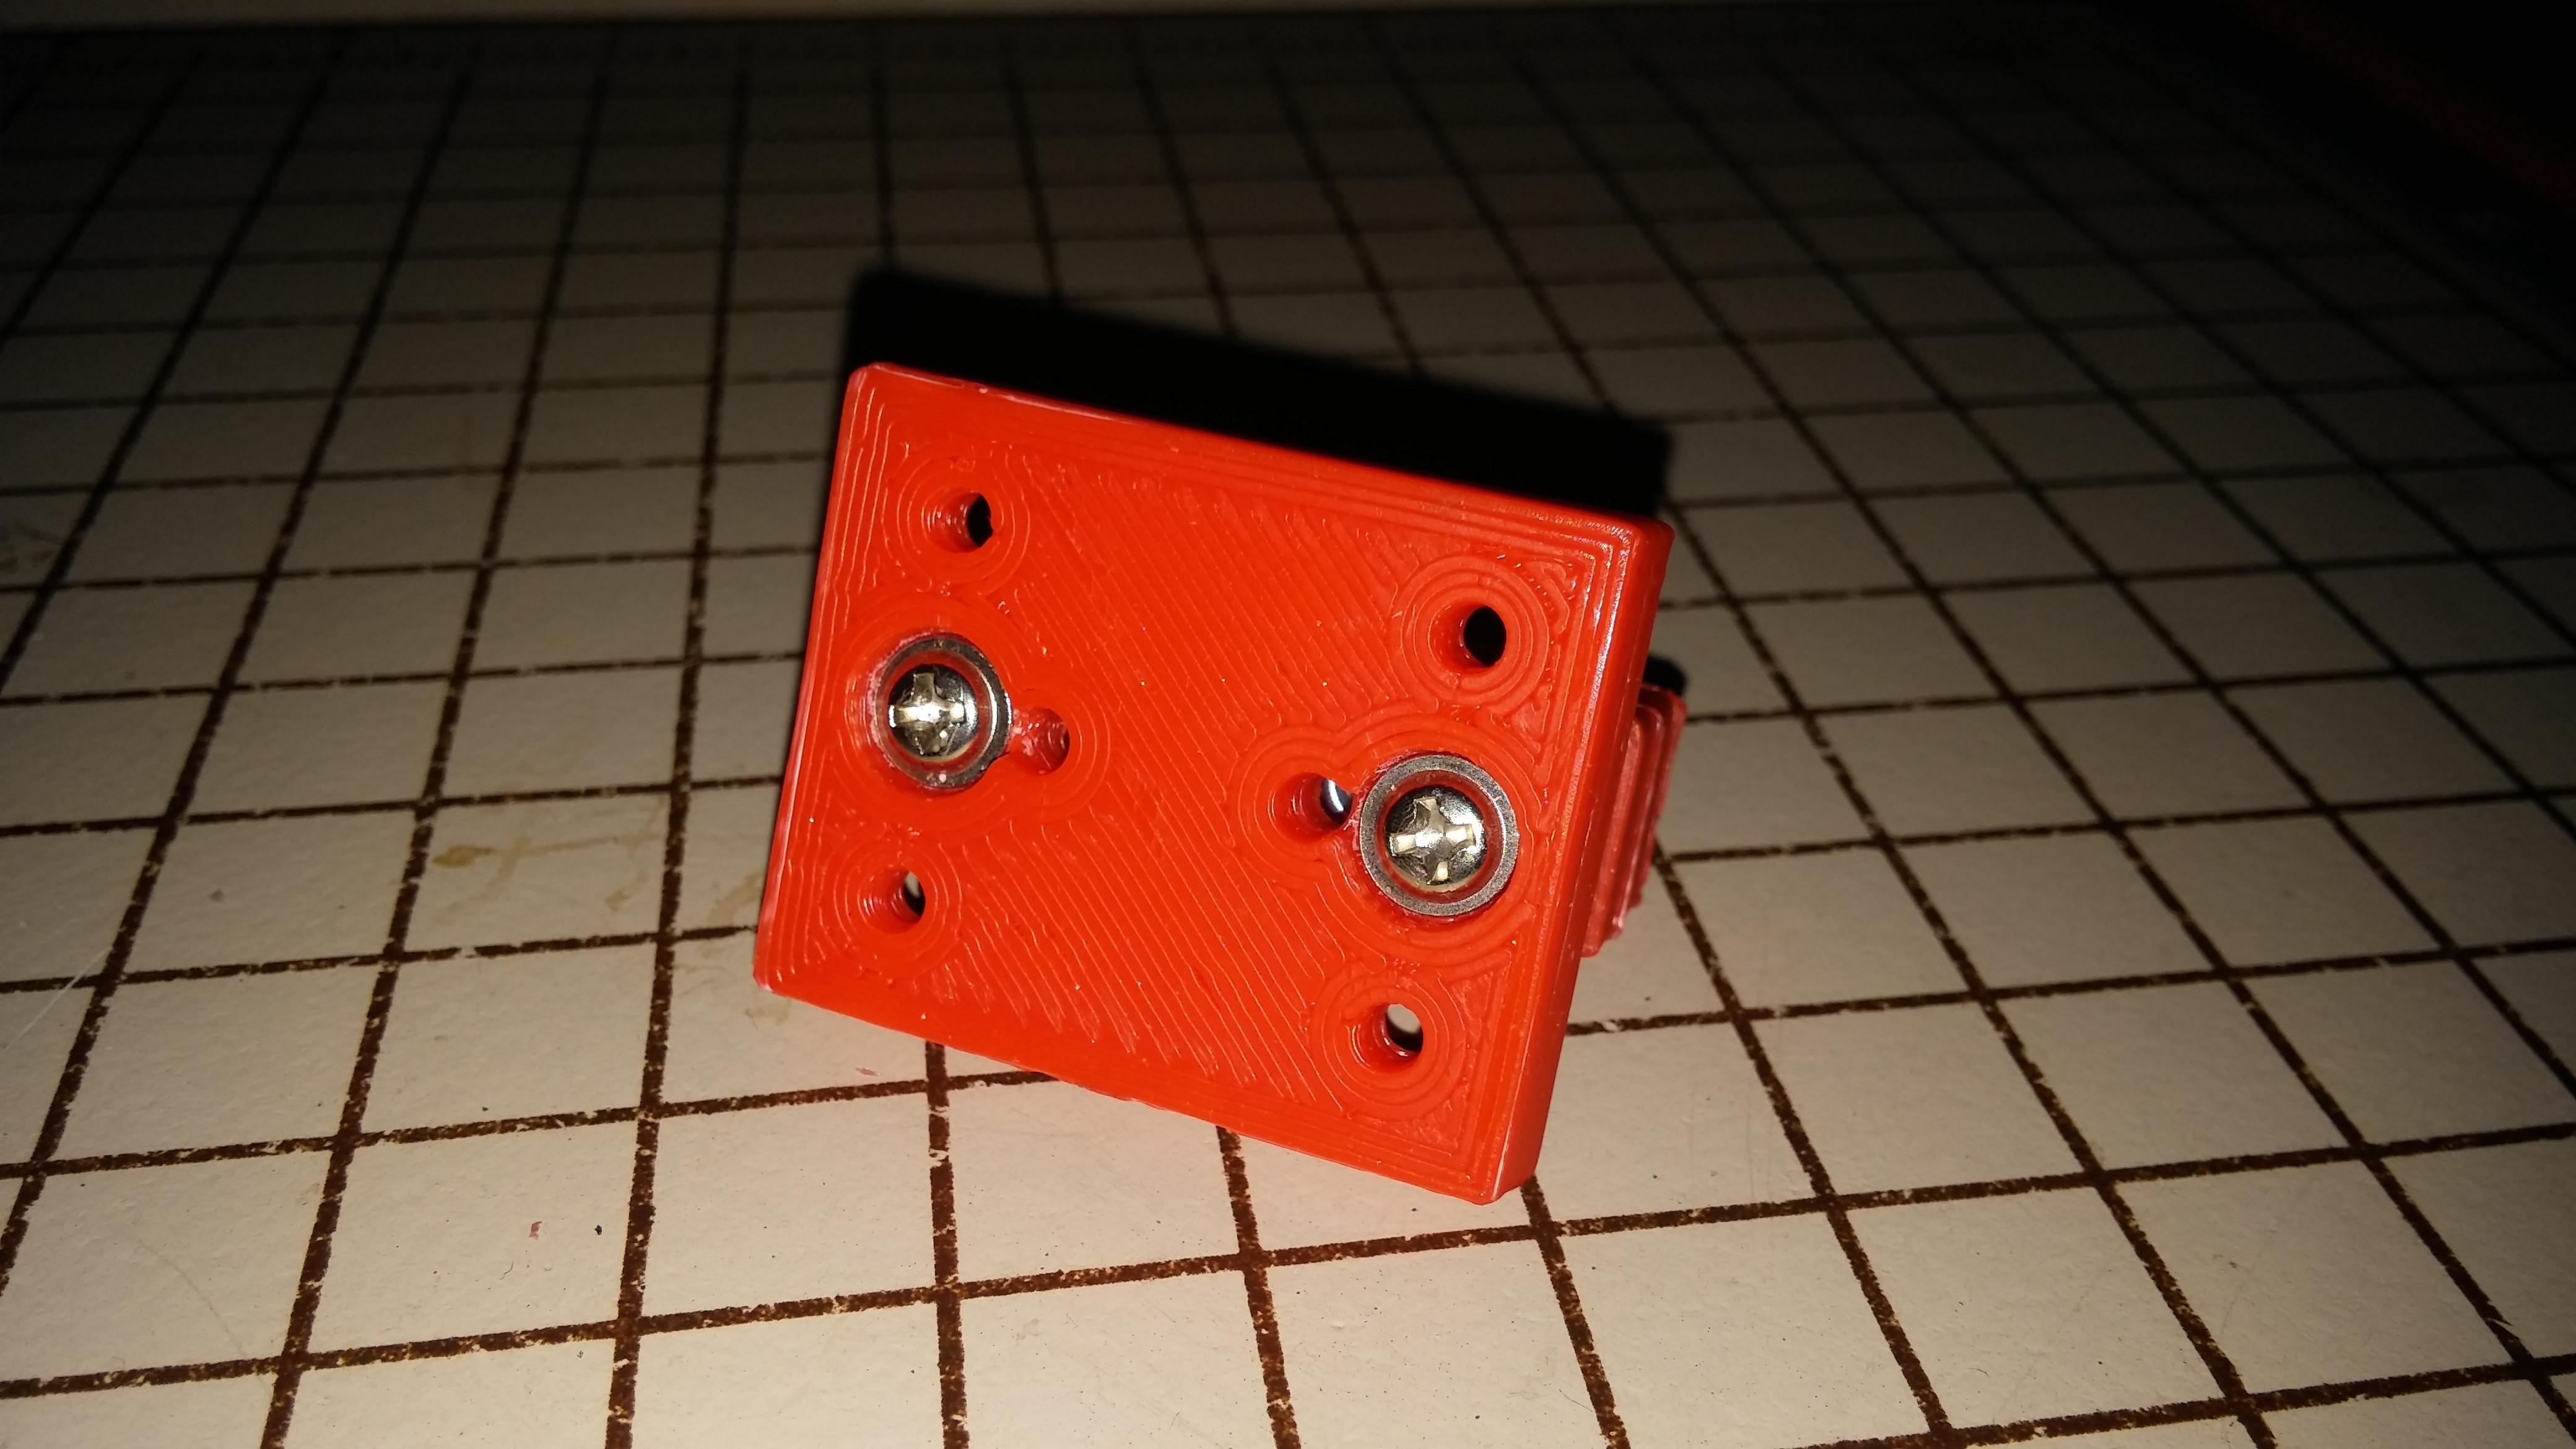 0317151008a.jpg Download free STL file NCS P3-v Steel Y Axis belt Mount GT2 Belt • 3D printer template, trentjw